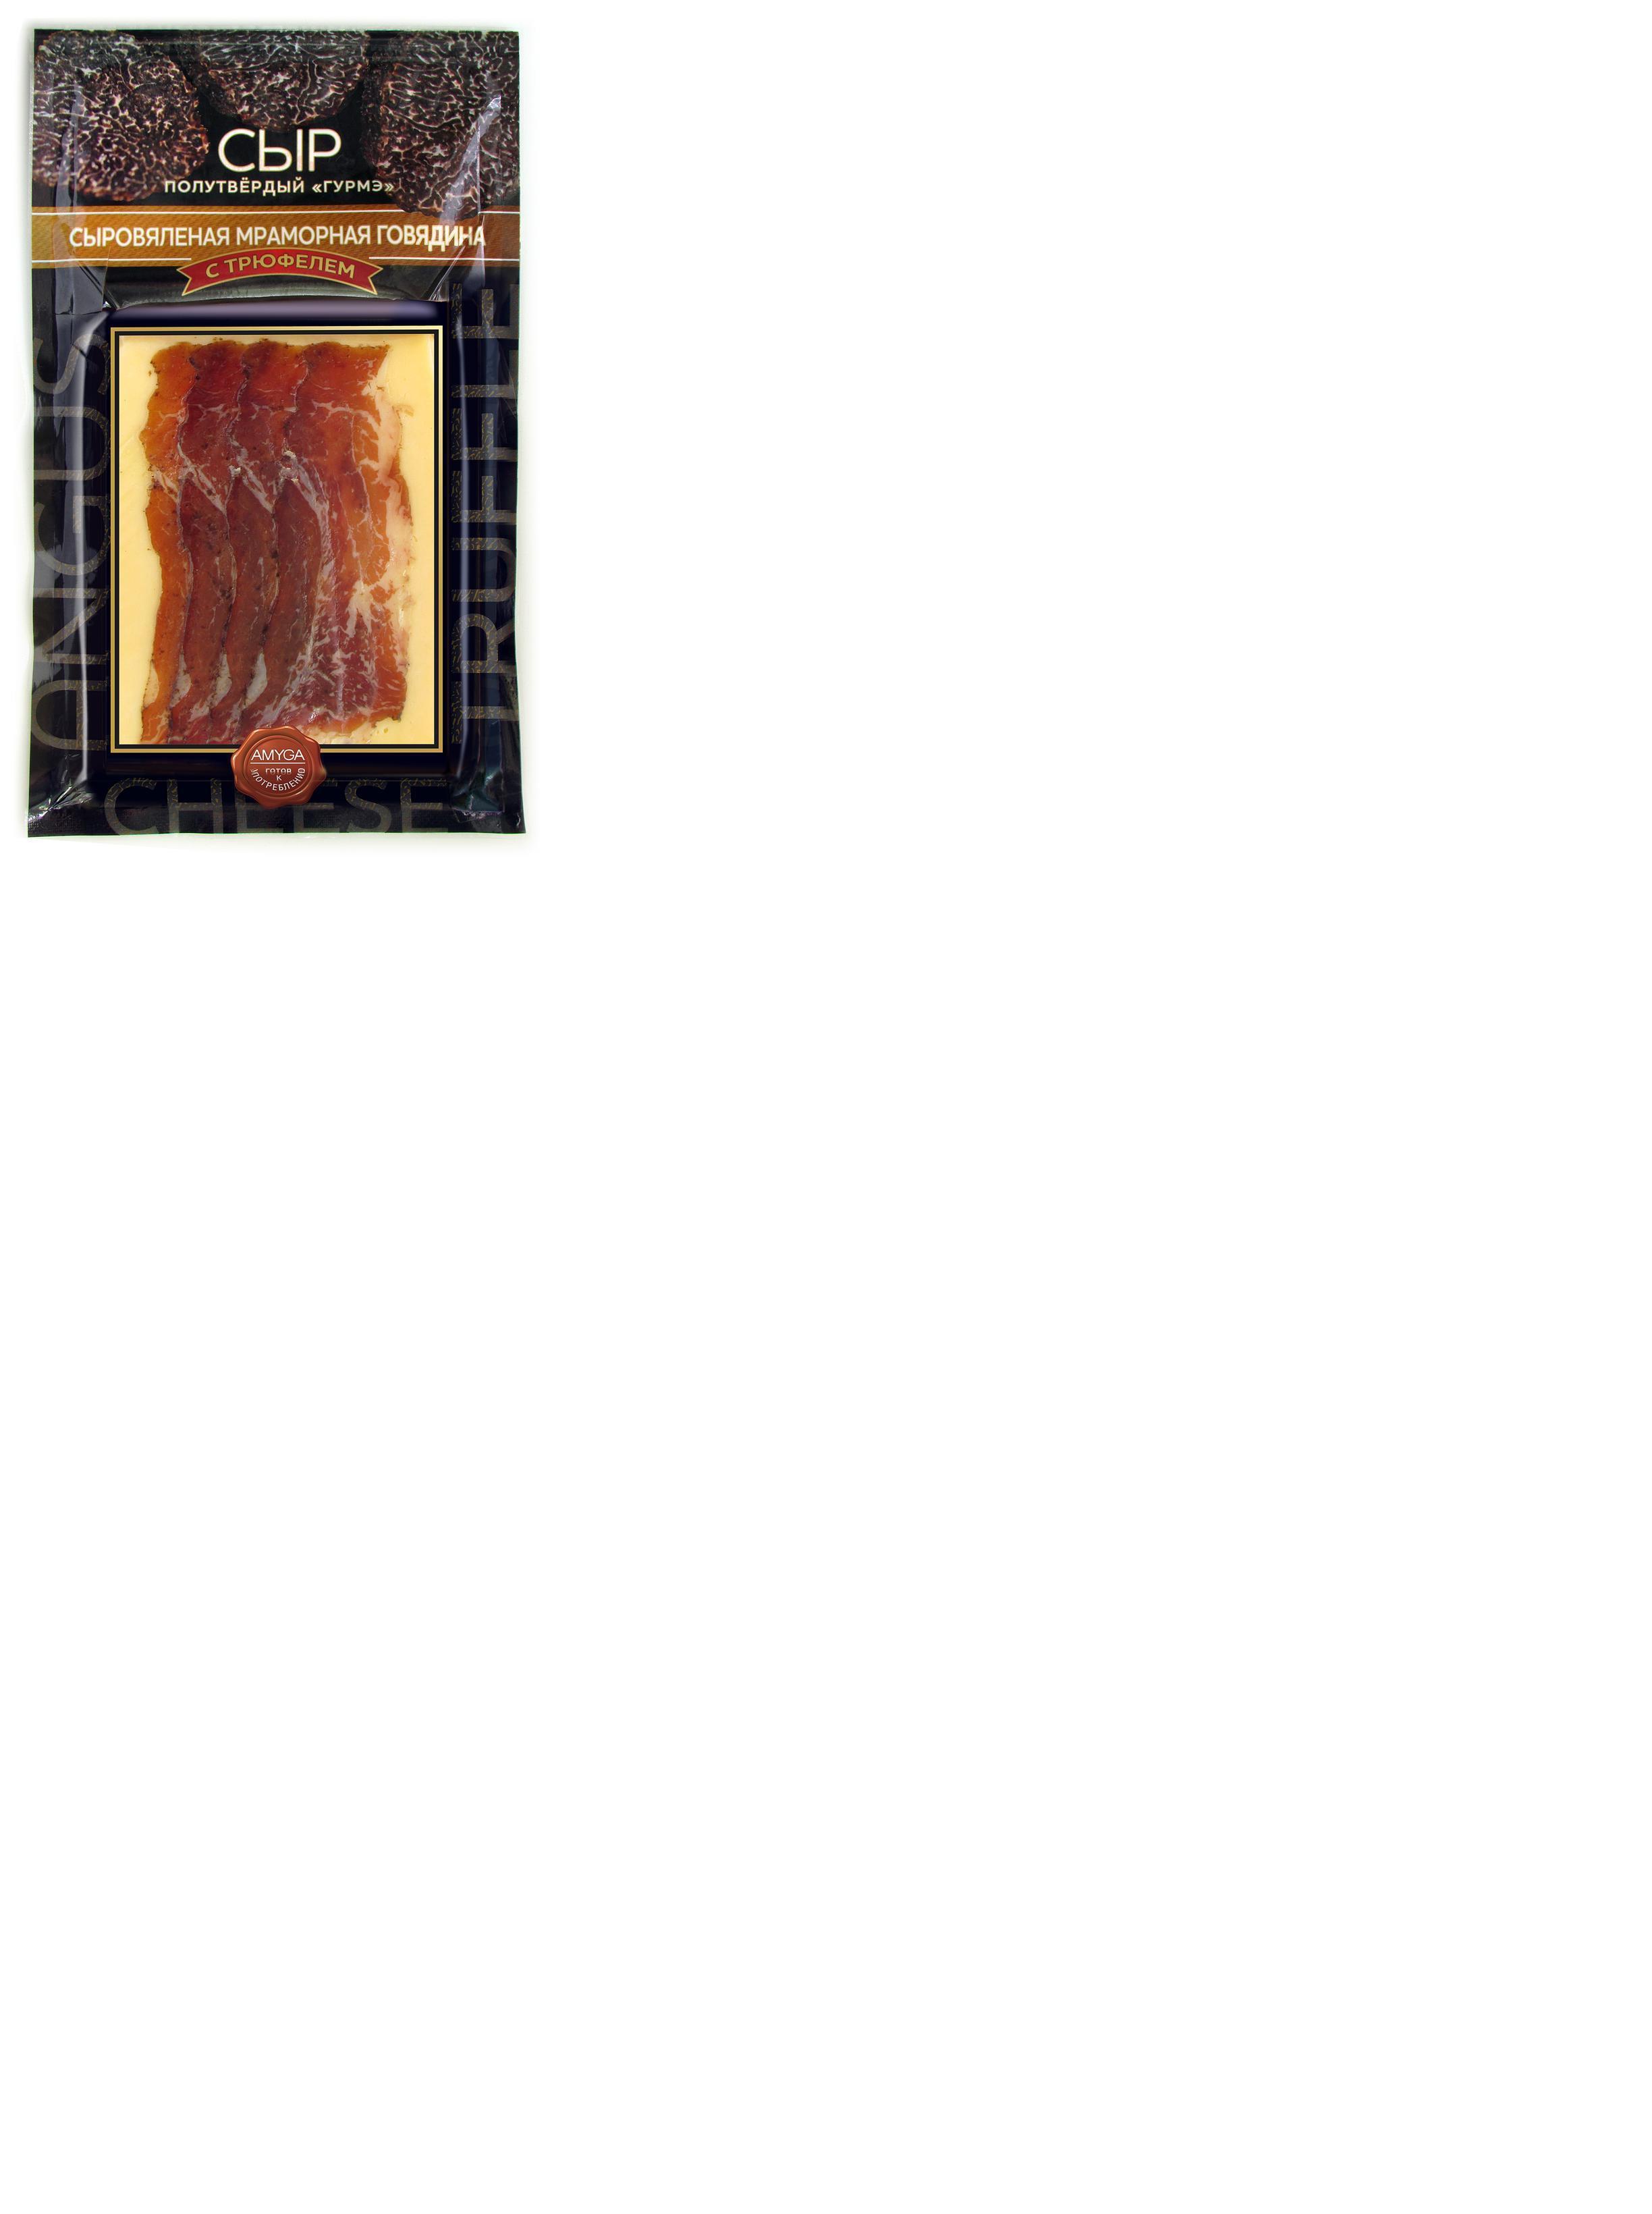 Amyga Сыр Гурмэ с сыровяленой Мраморной Говядиной и Трюфелем, 150 г сыр сметанковый laime лайме полутвердый 50